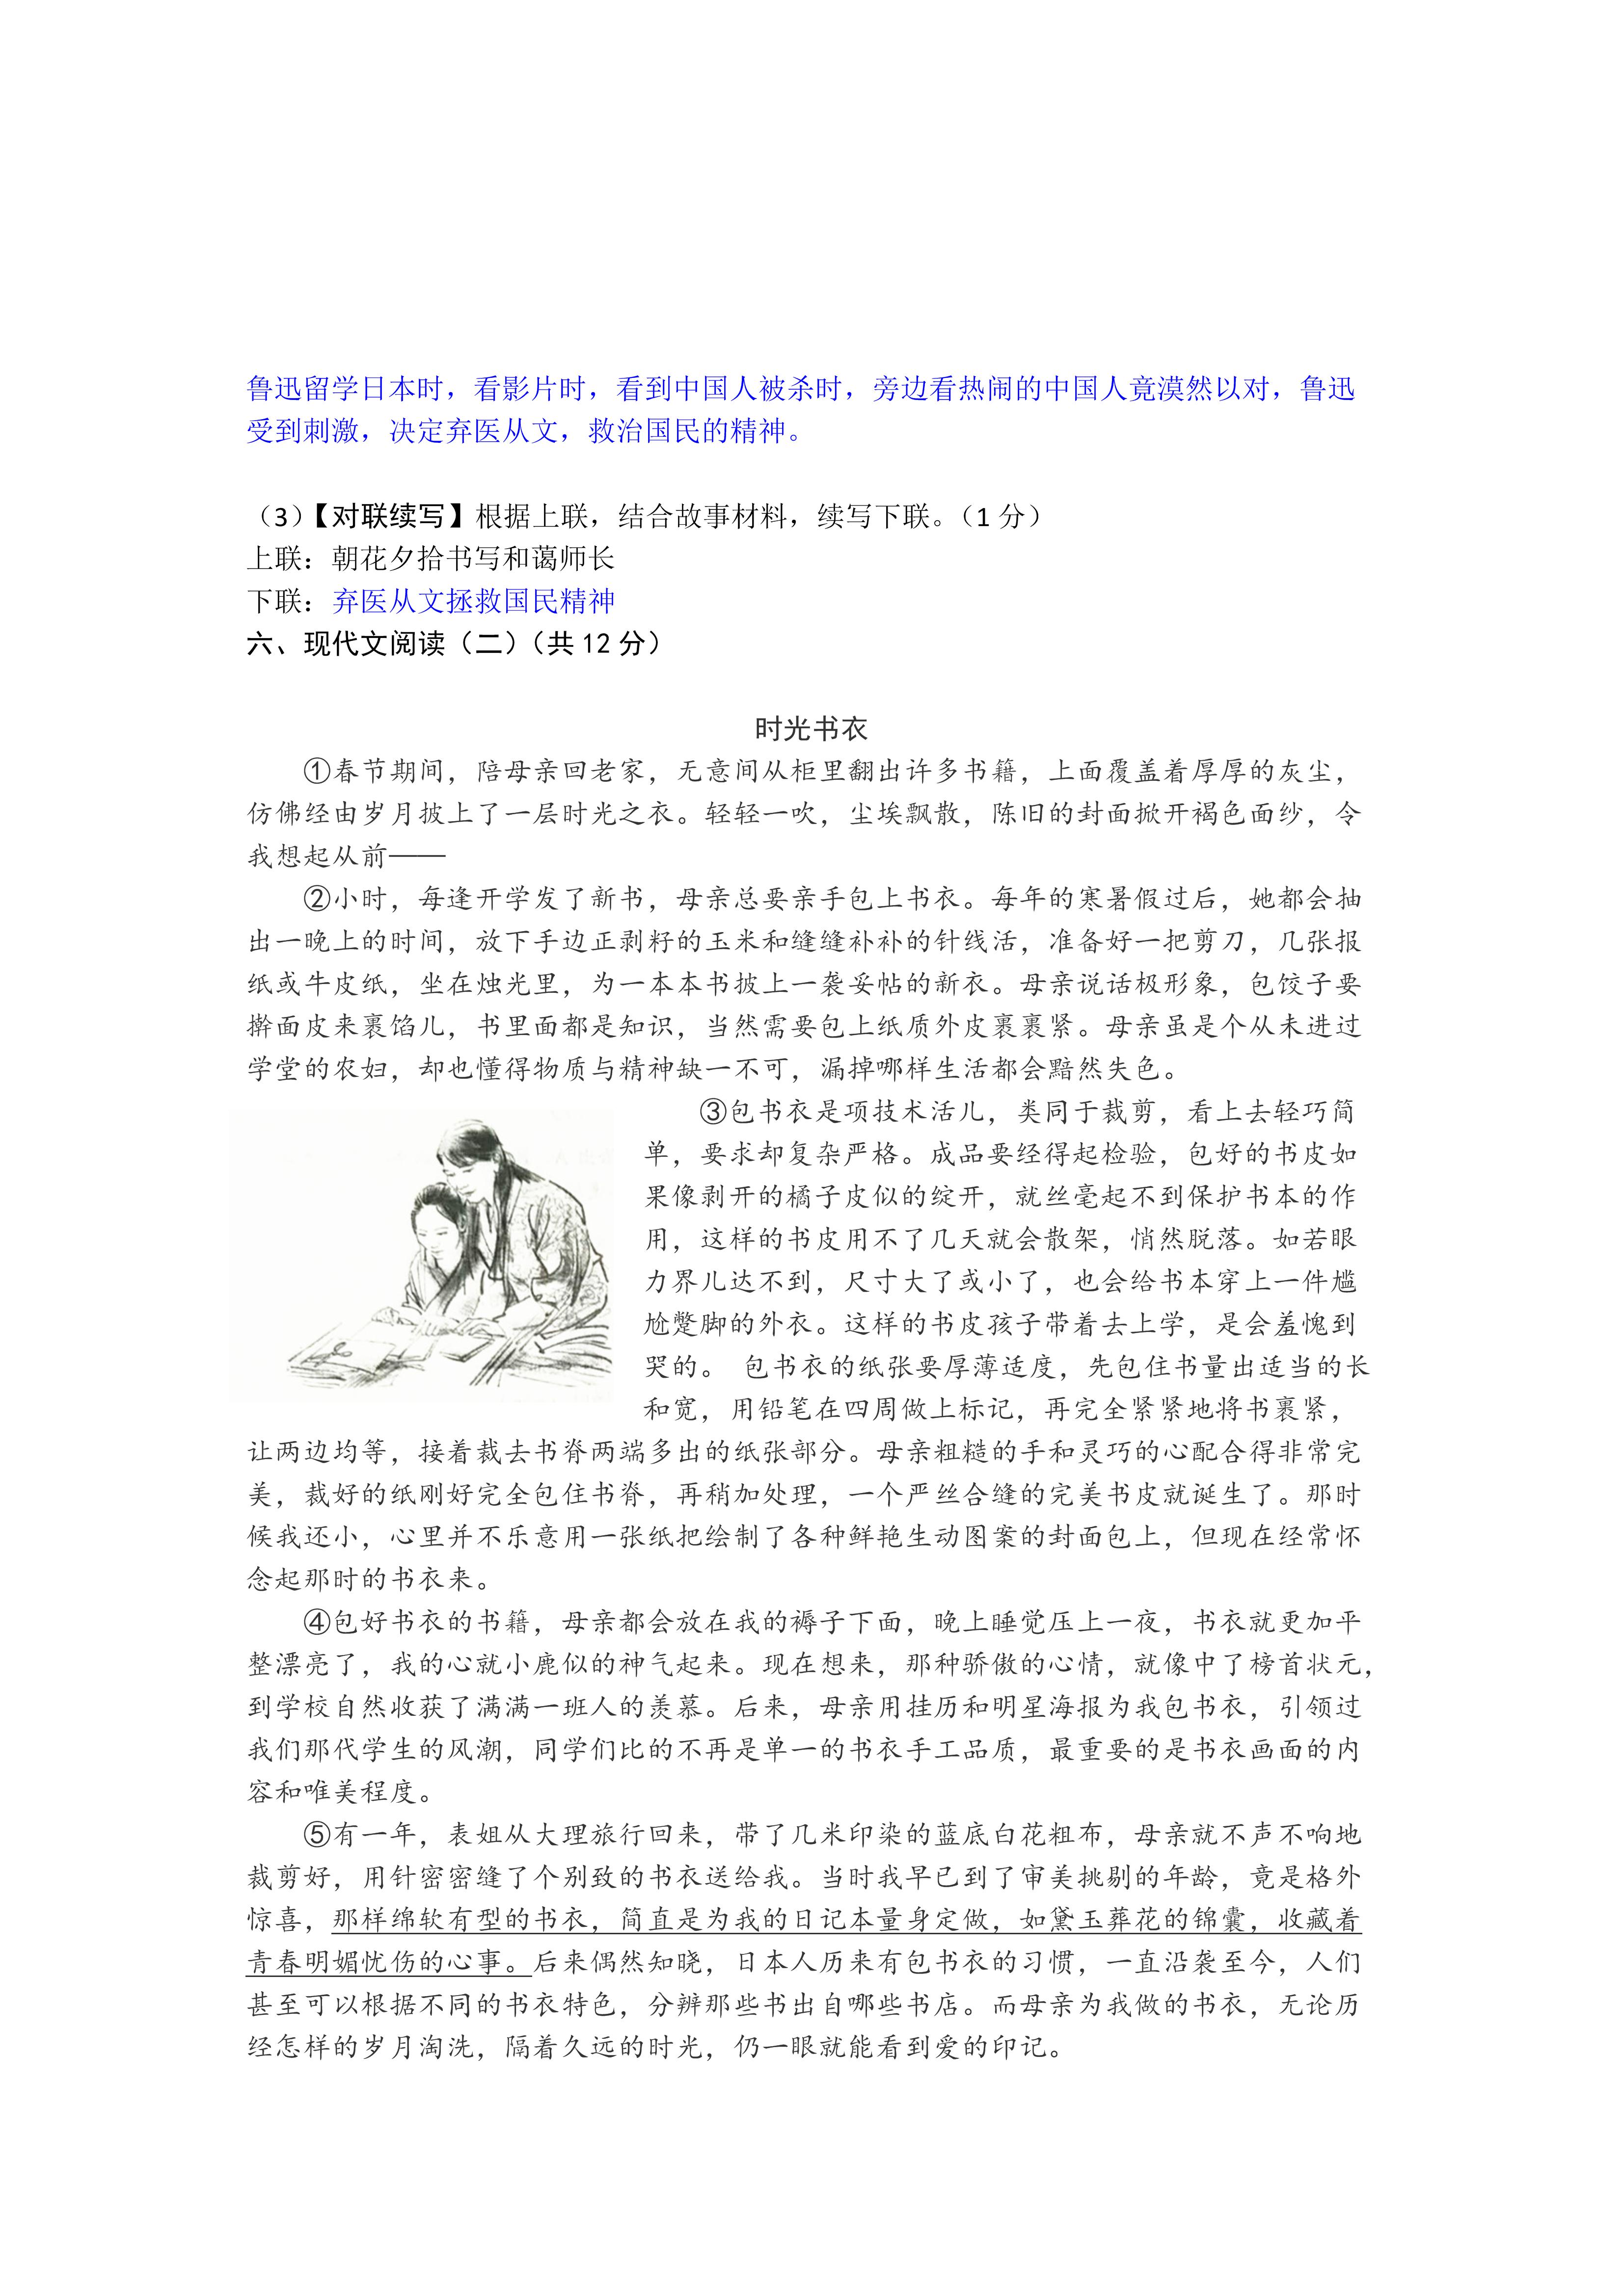 2019年广西玉林中考语文真题及答案【图片版】7.png